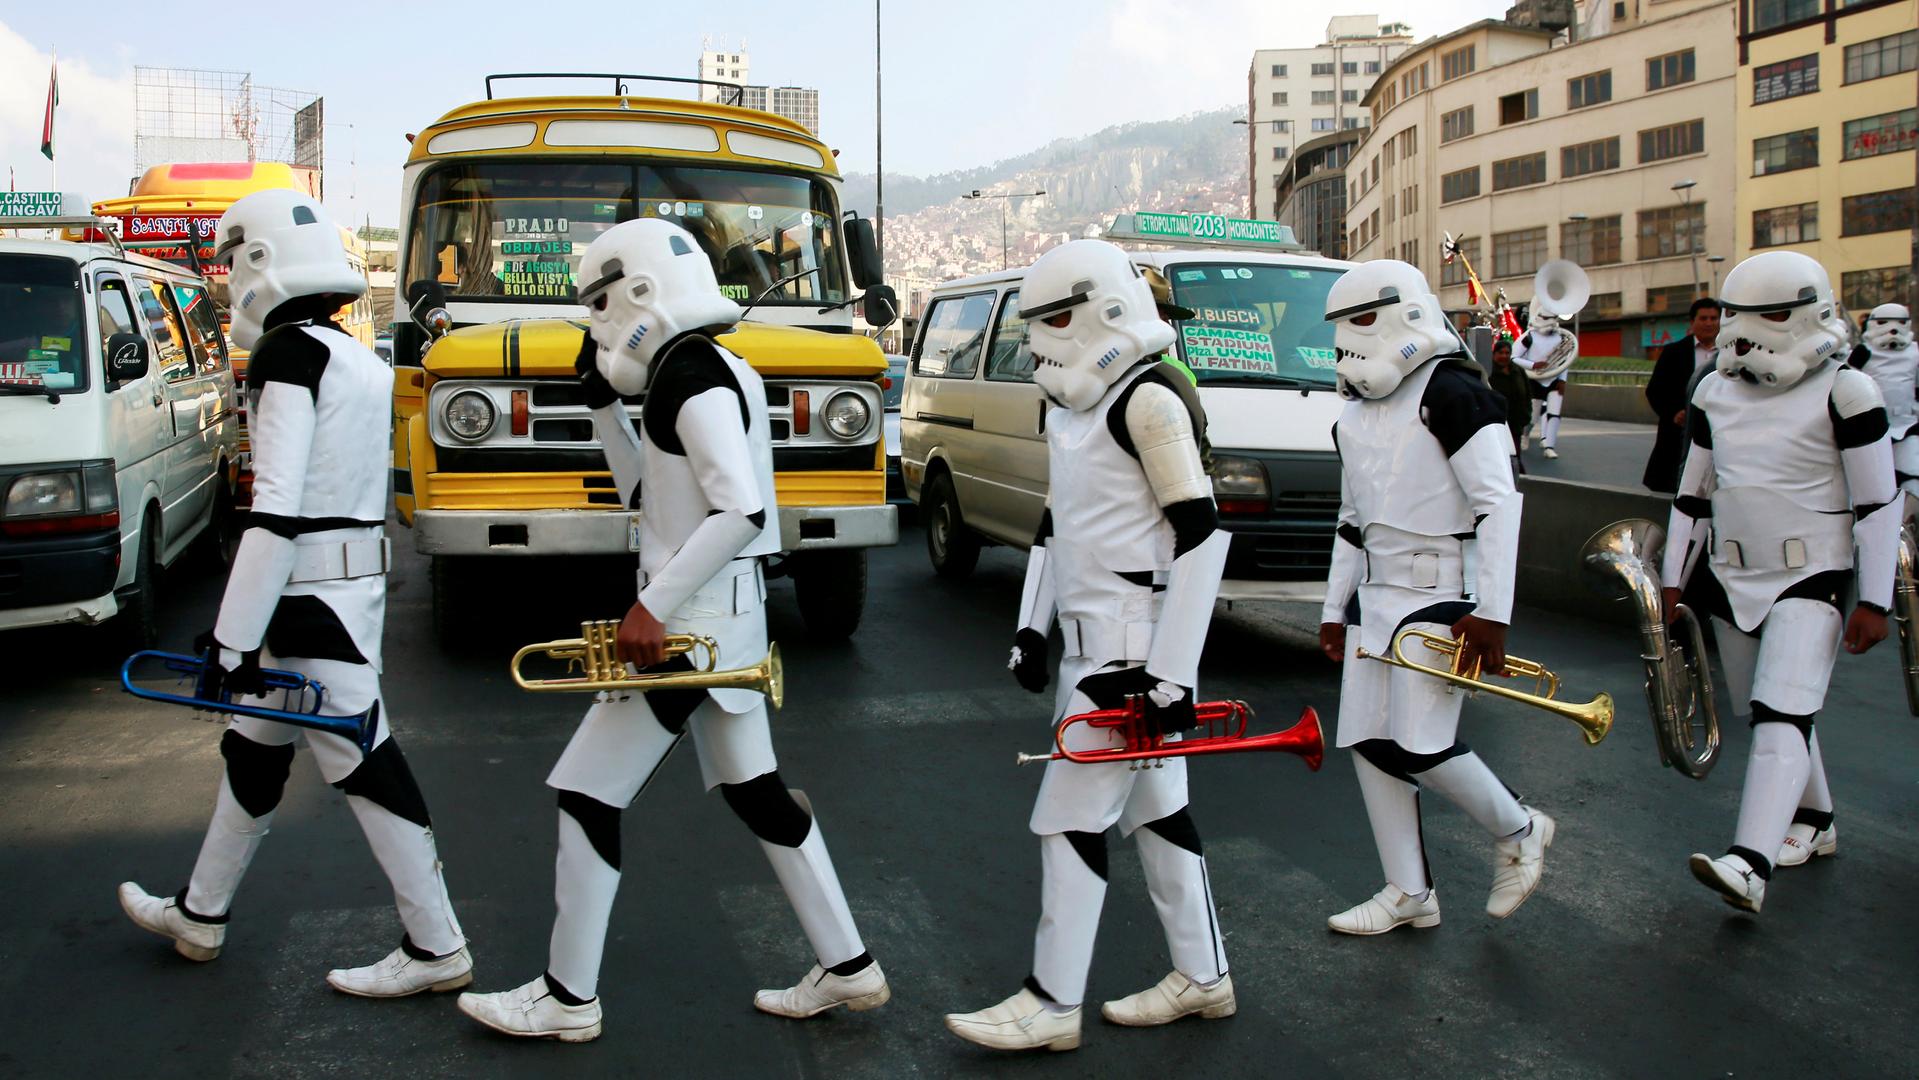 Школьный музыкальный коллектив переоделся в костюмы героев «Звёздных войн» для выступления на площади города Ла-Пас в Боливии.